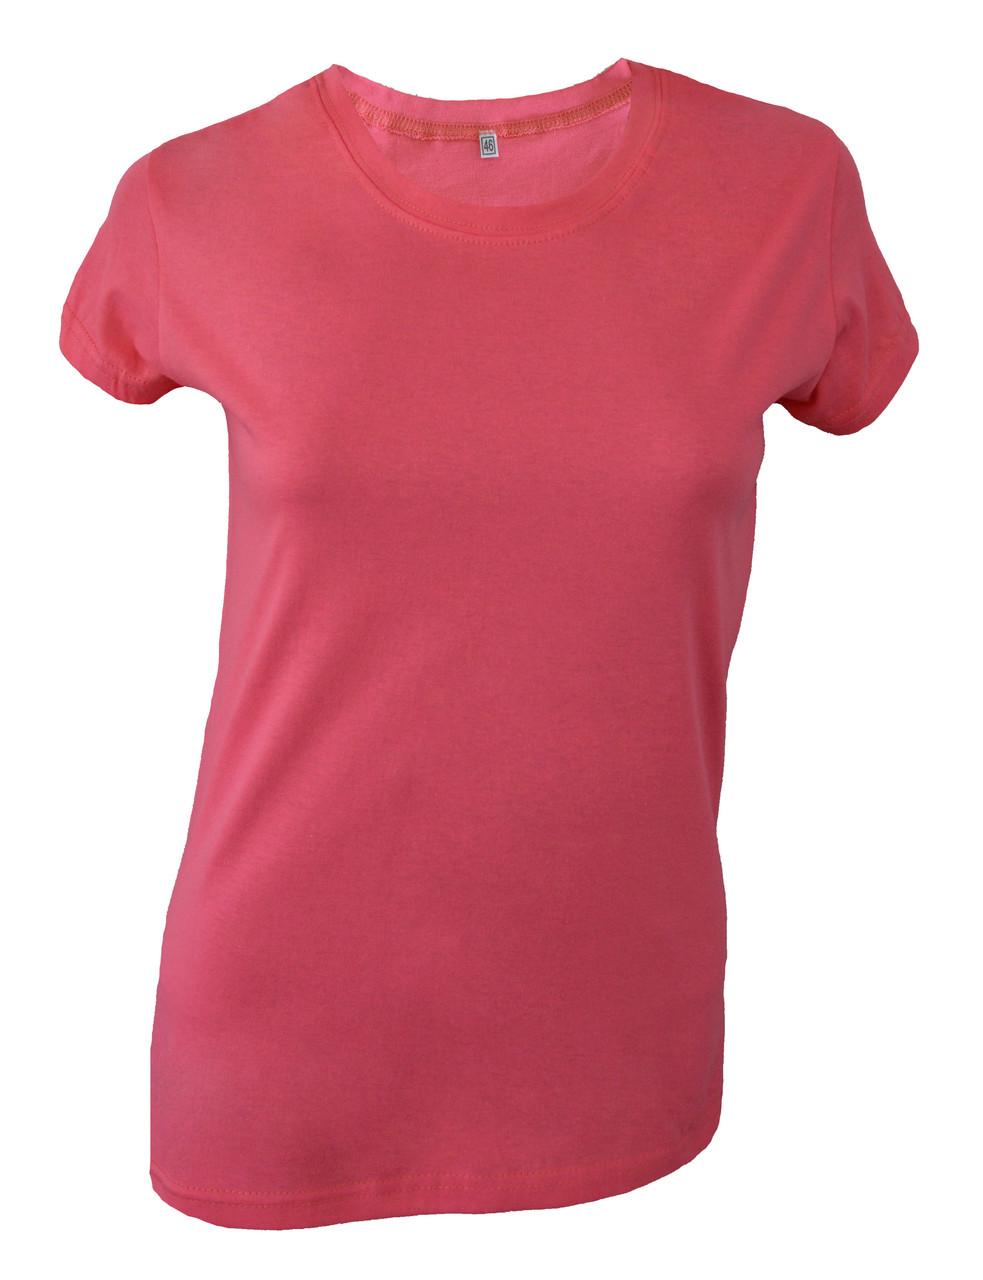 Футболка женская розовая с разрезами по бокам оптом